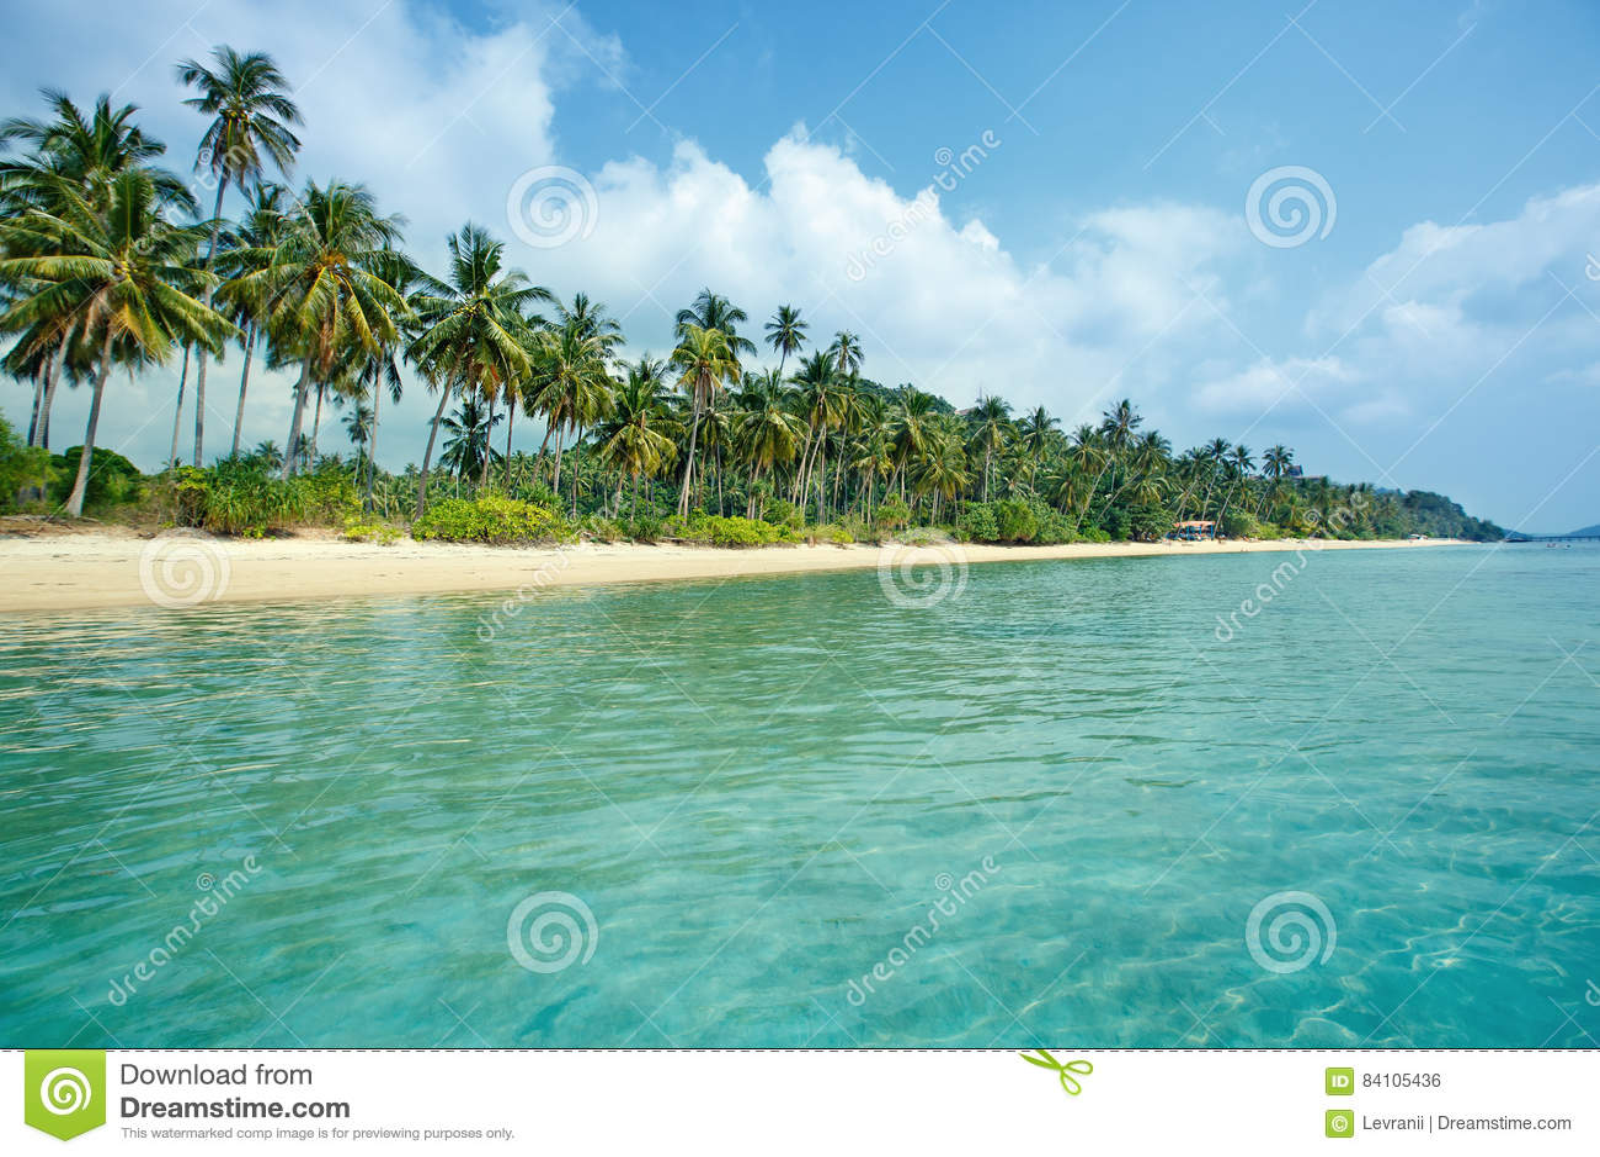 Paradise Beach Resort Koh Samui